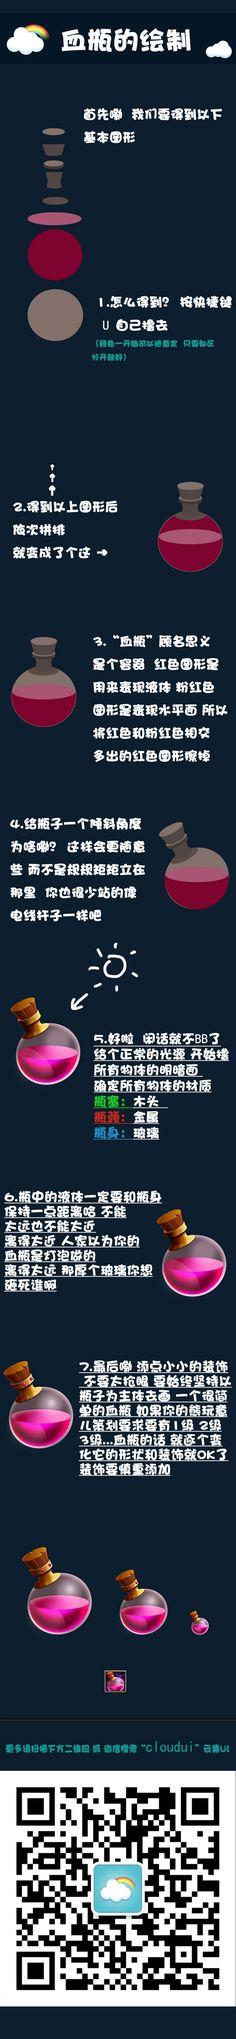 游戏ui教程血瓶图标